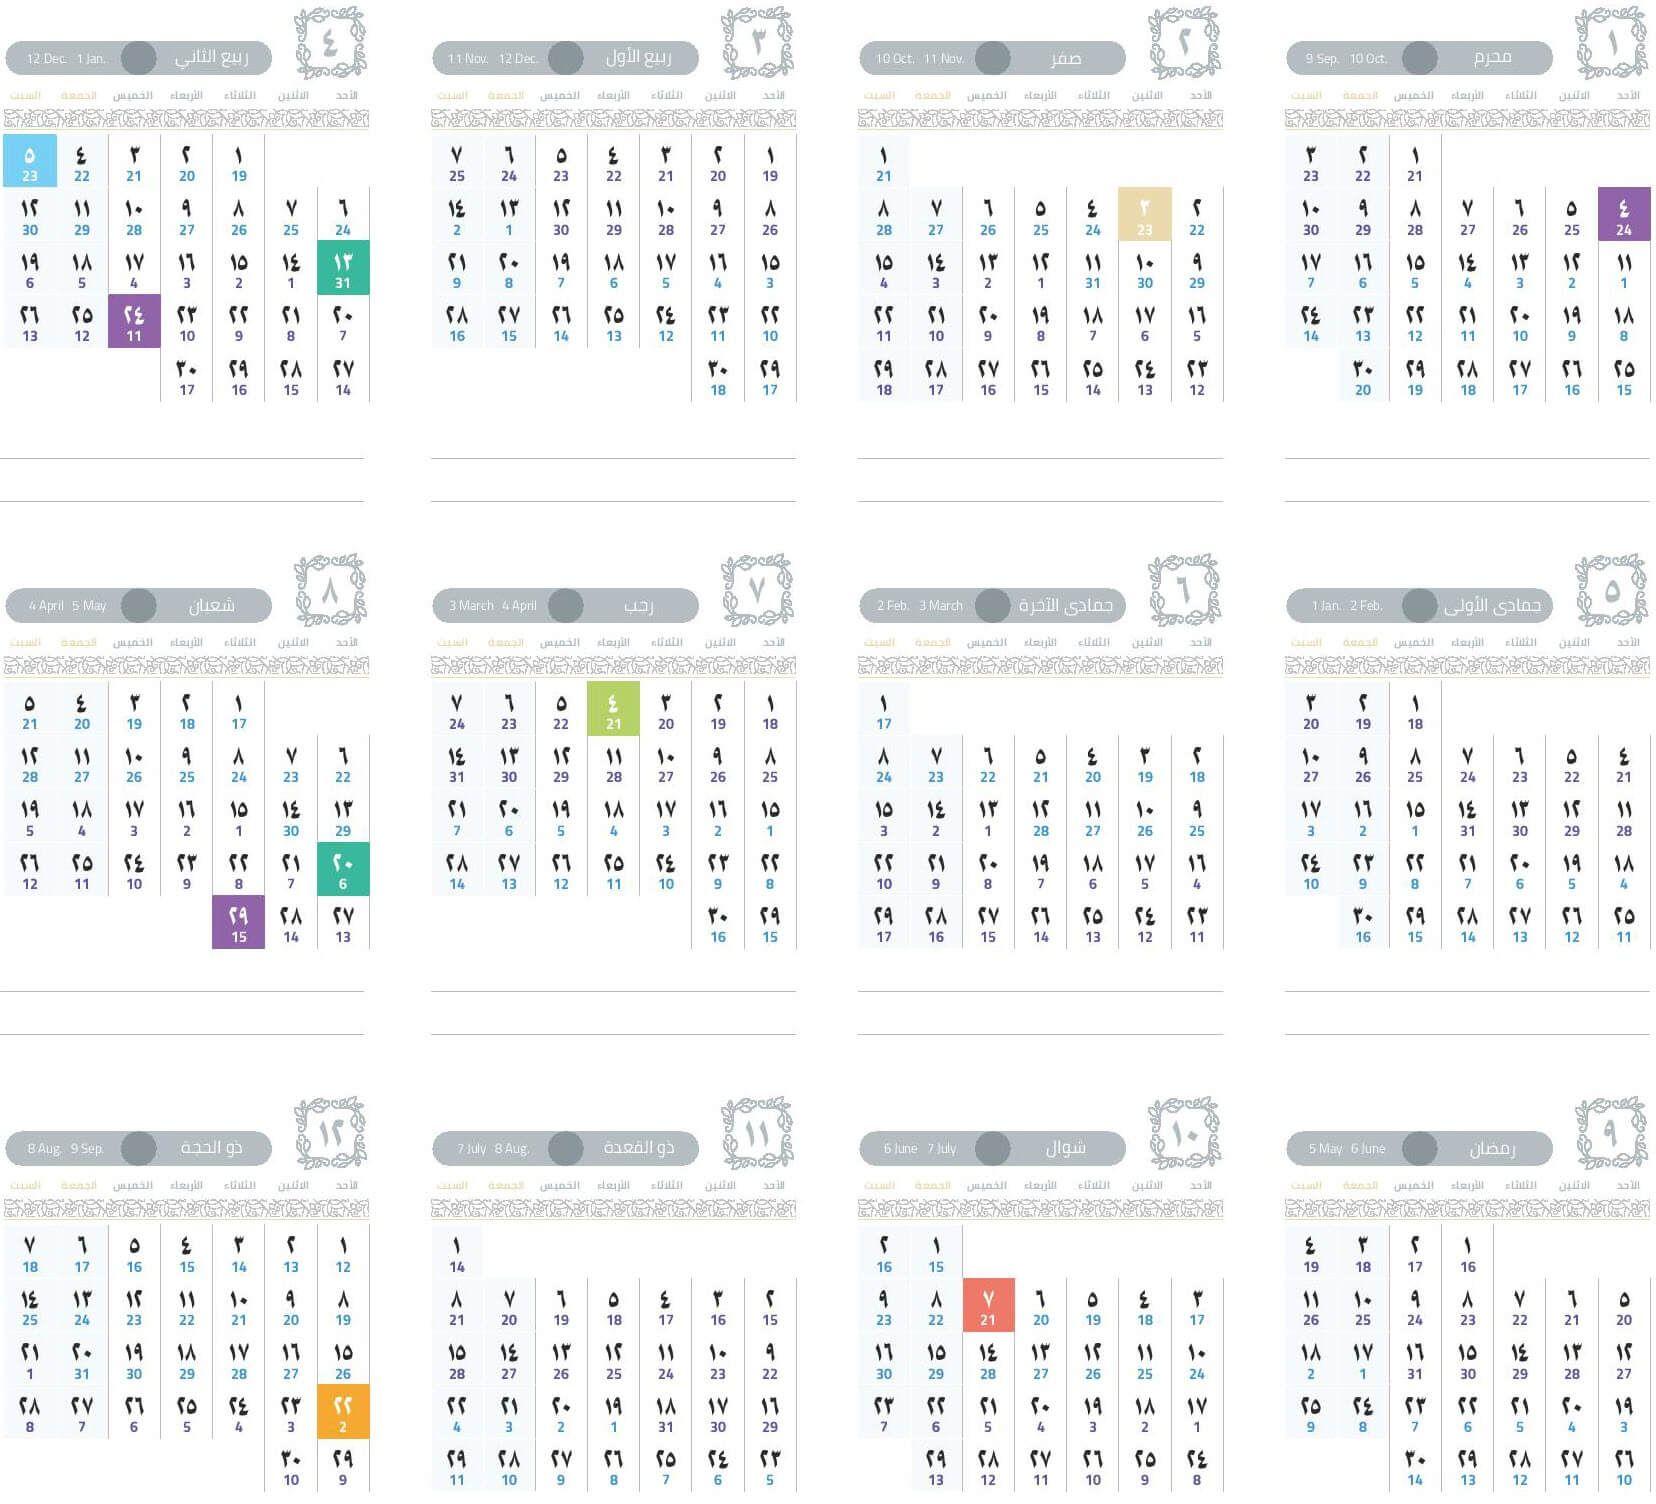 التقويم الهجري 1439 Jpg ١ ٦٥٦ ١ ٥٠٤ Pixels Hijri Calendar Iphone Wallpaper Calendar